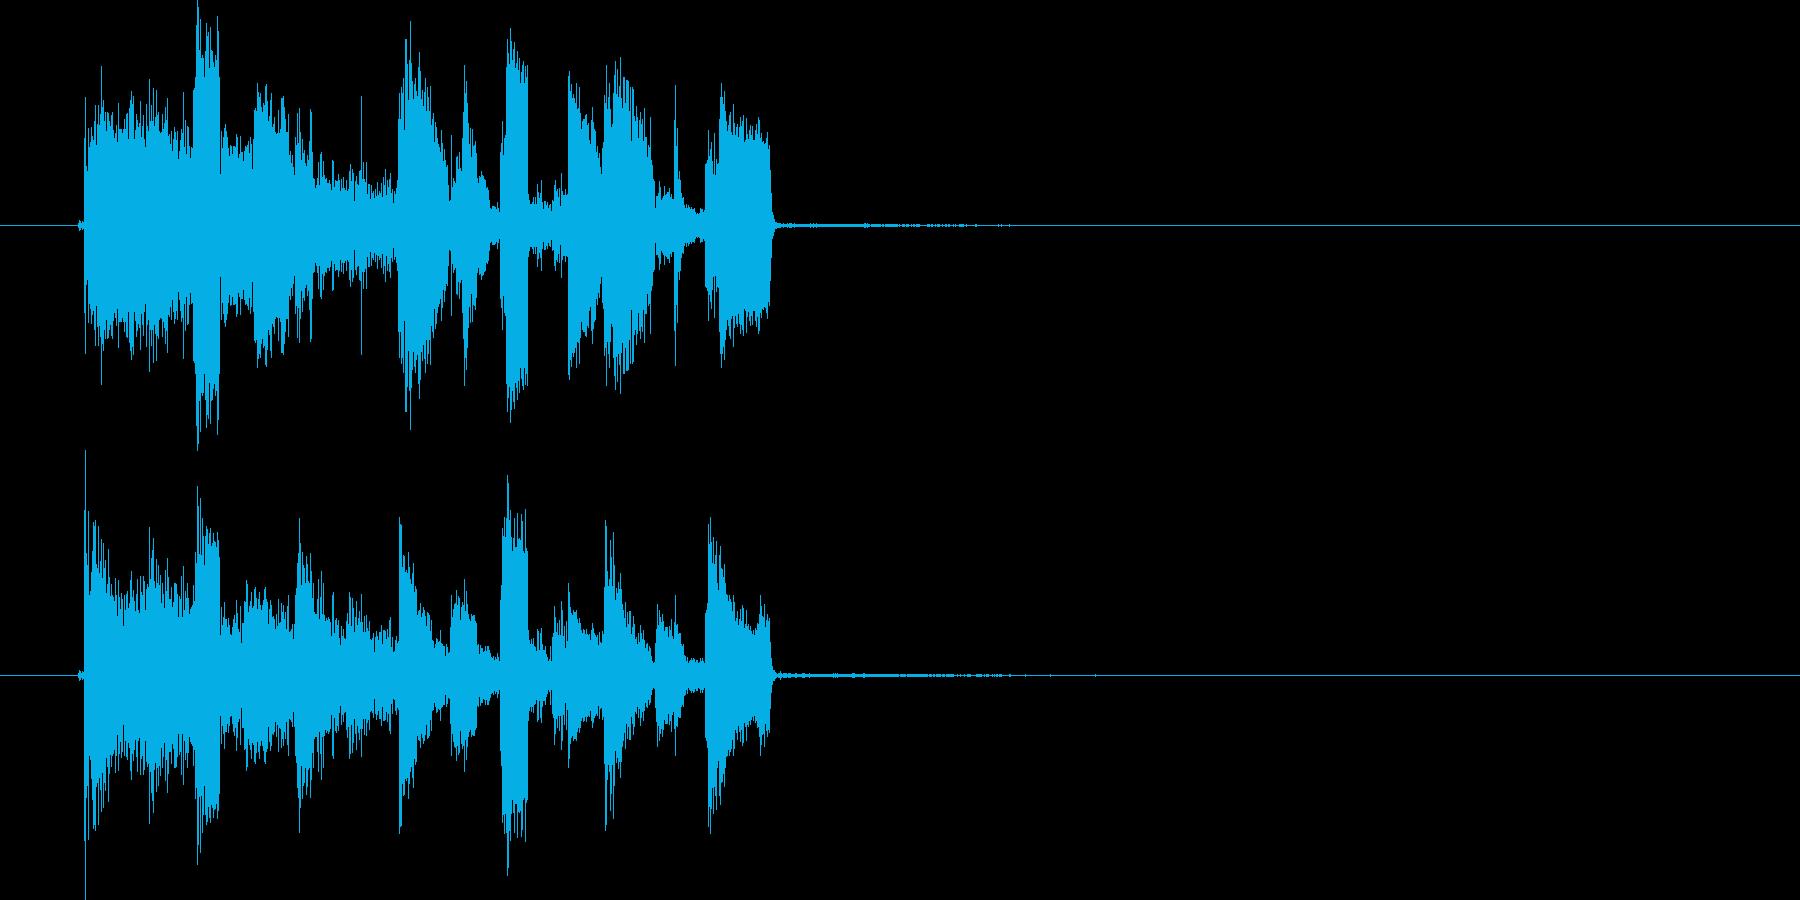 宇宙系テクノ音短め(シリアス、ダンス)の再生済みの波形